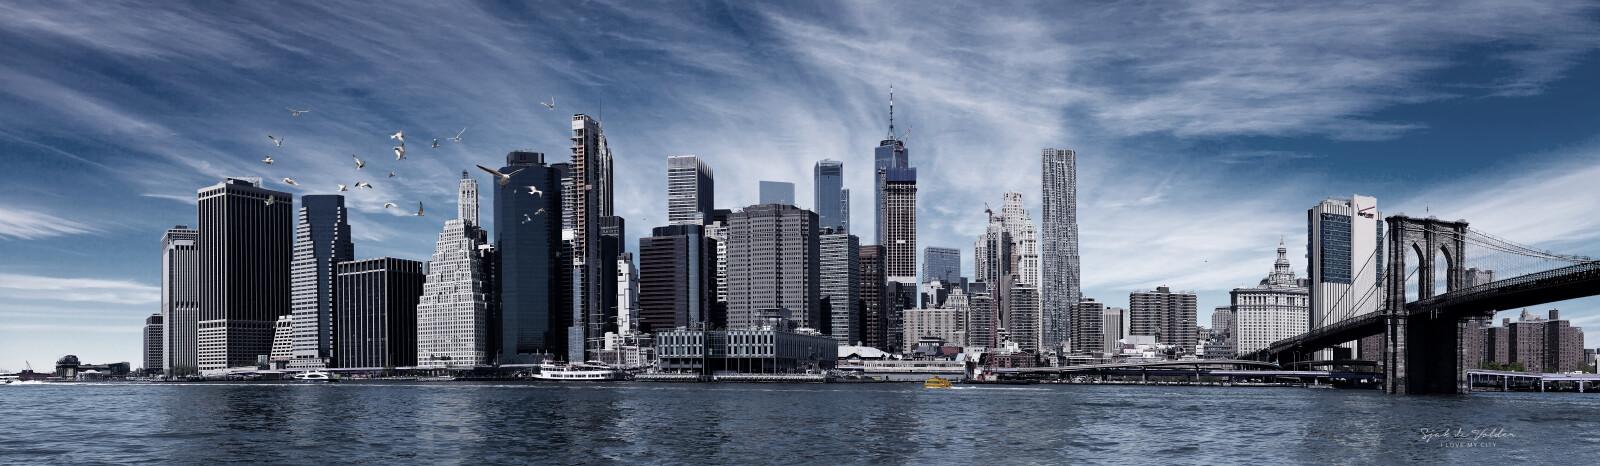 Skyline New York urban